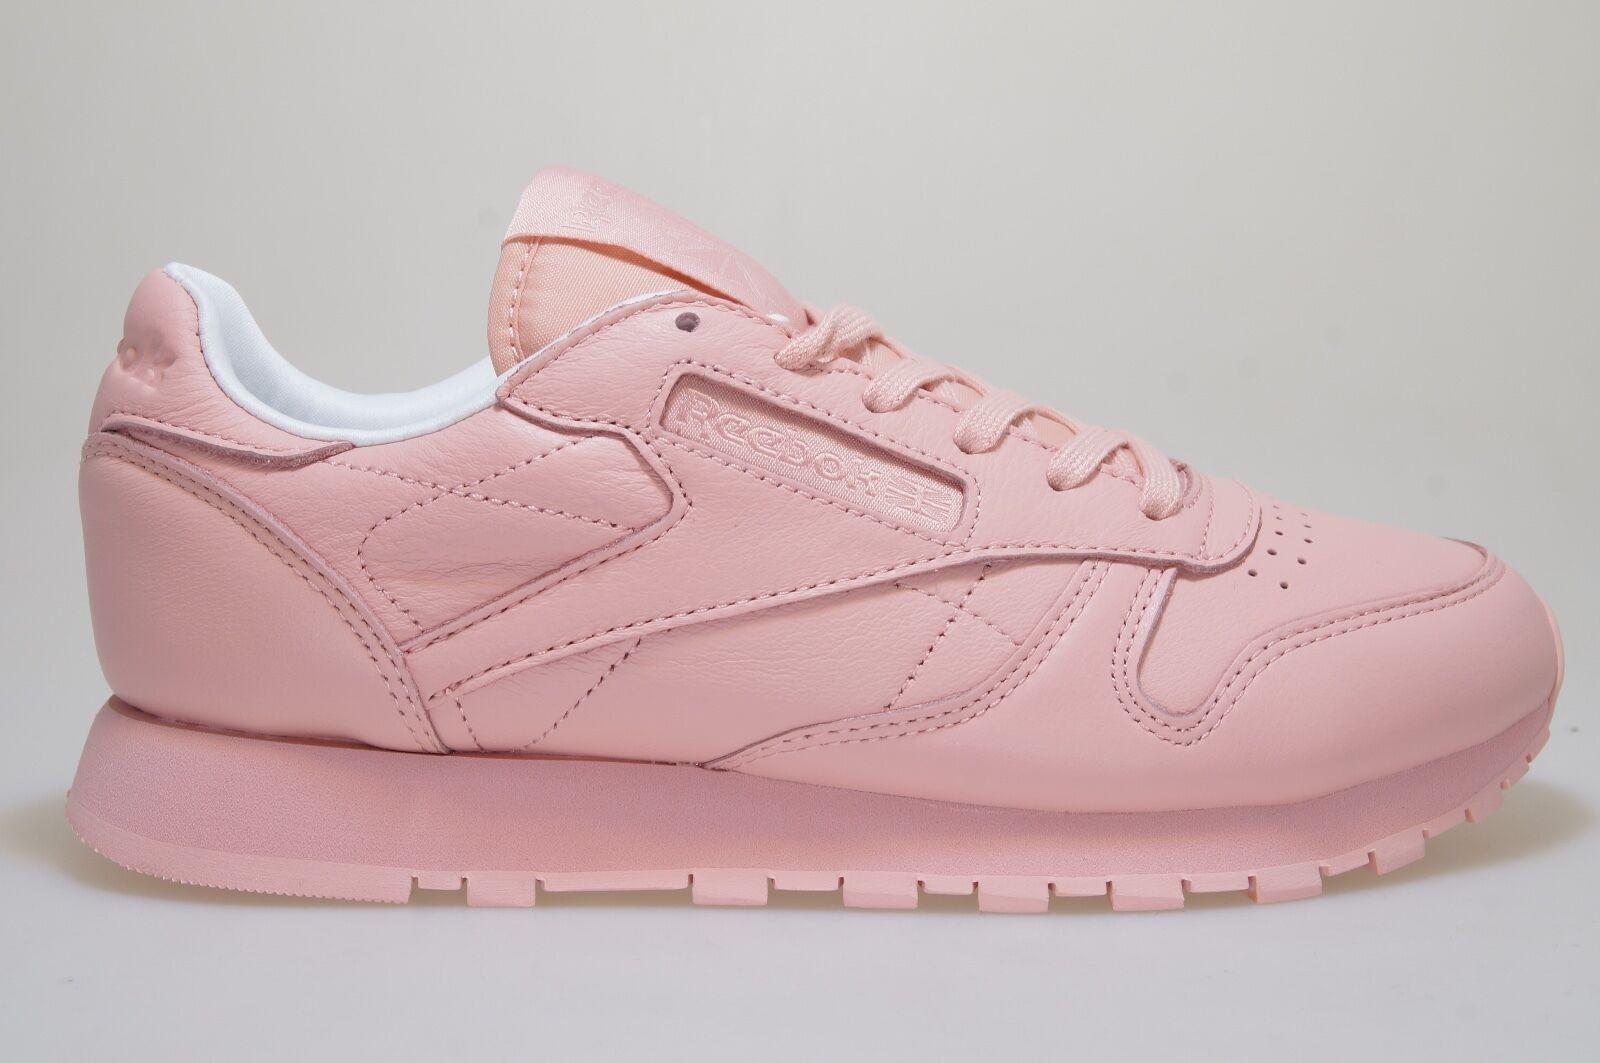 Zapatos promocionales para hombres y mujeres Reebok Cuero Clásico Pastels lavado ROSA bd2771 Zapatillas Deportivas Nuevas